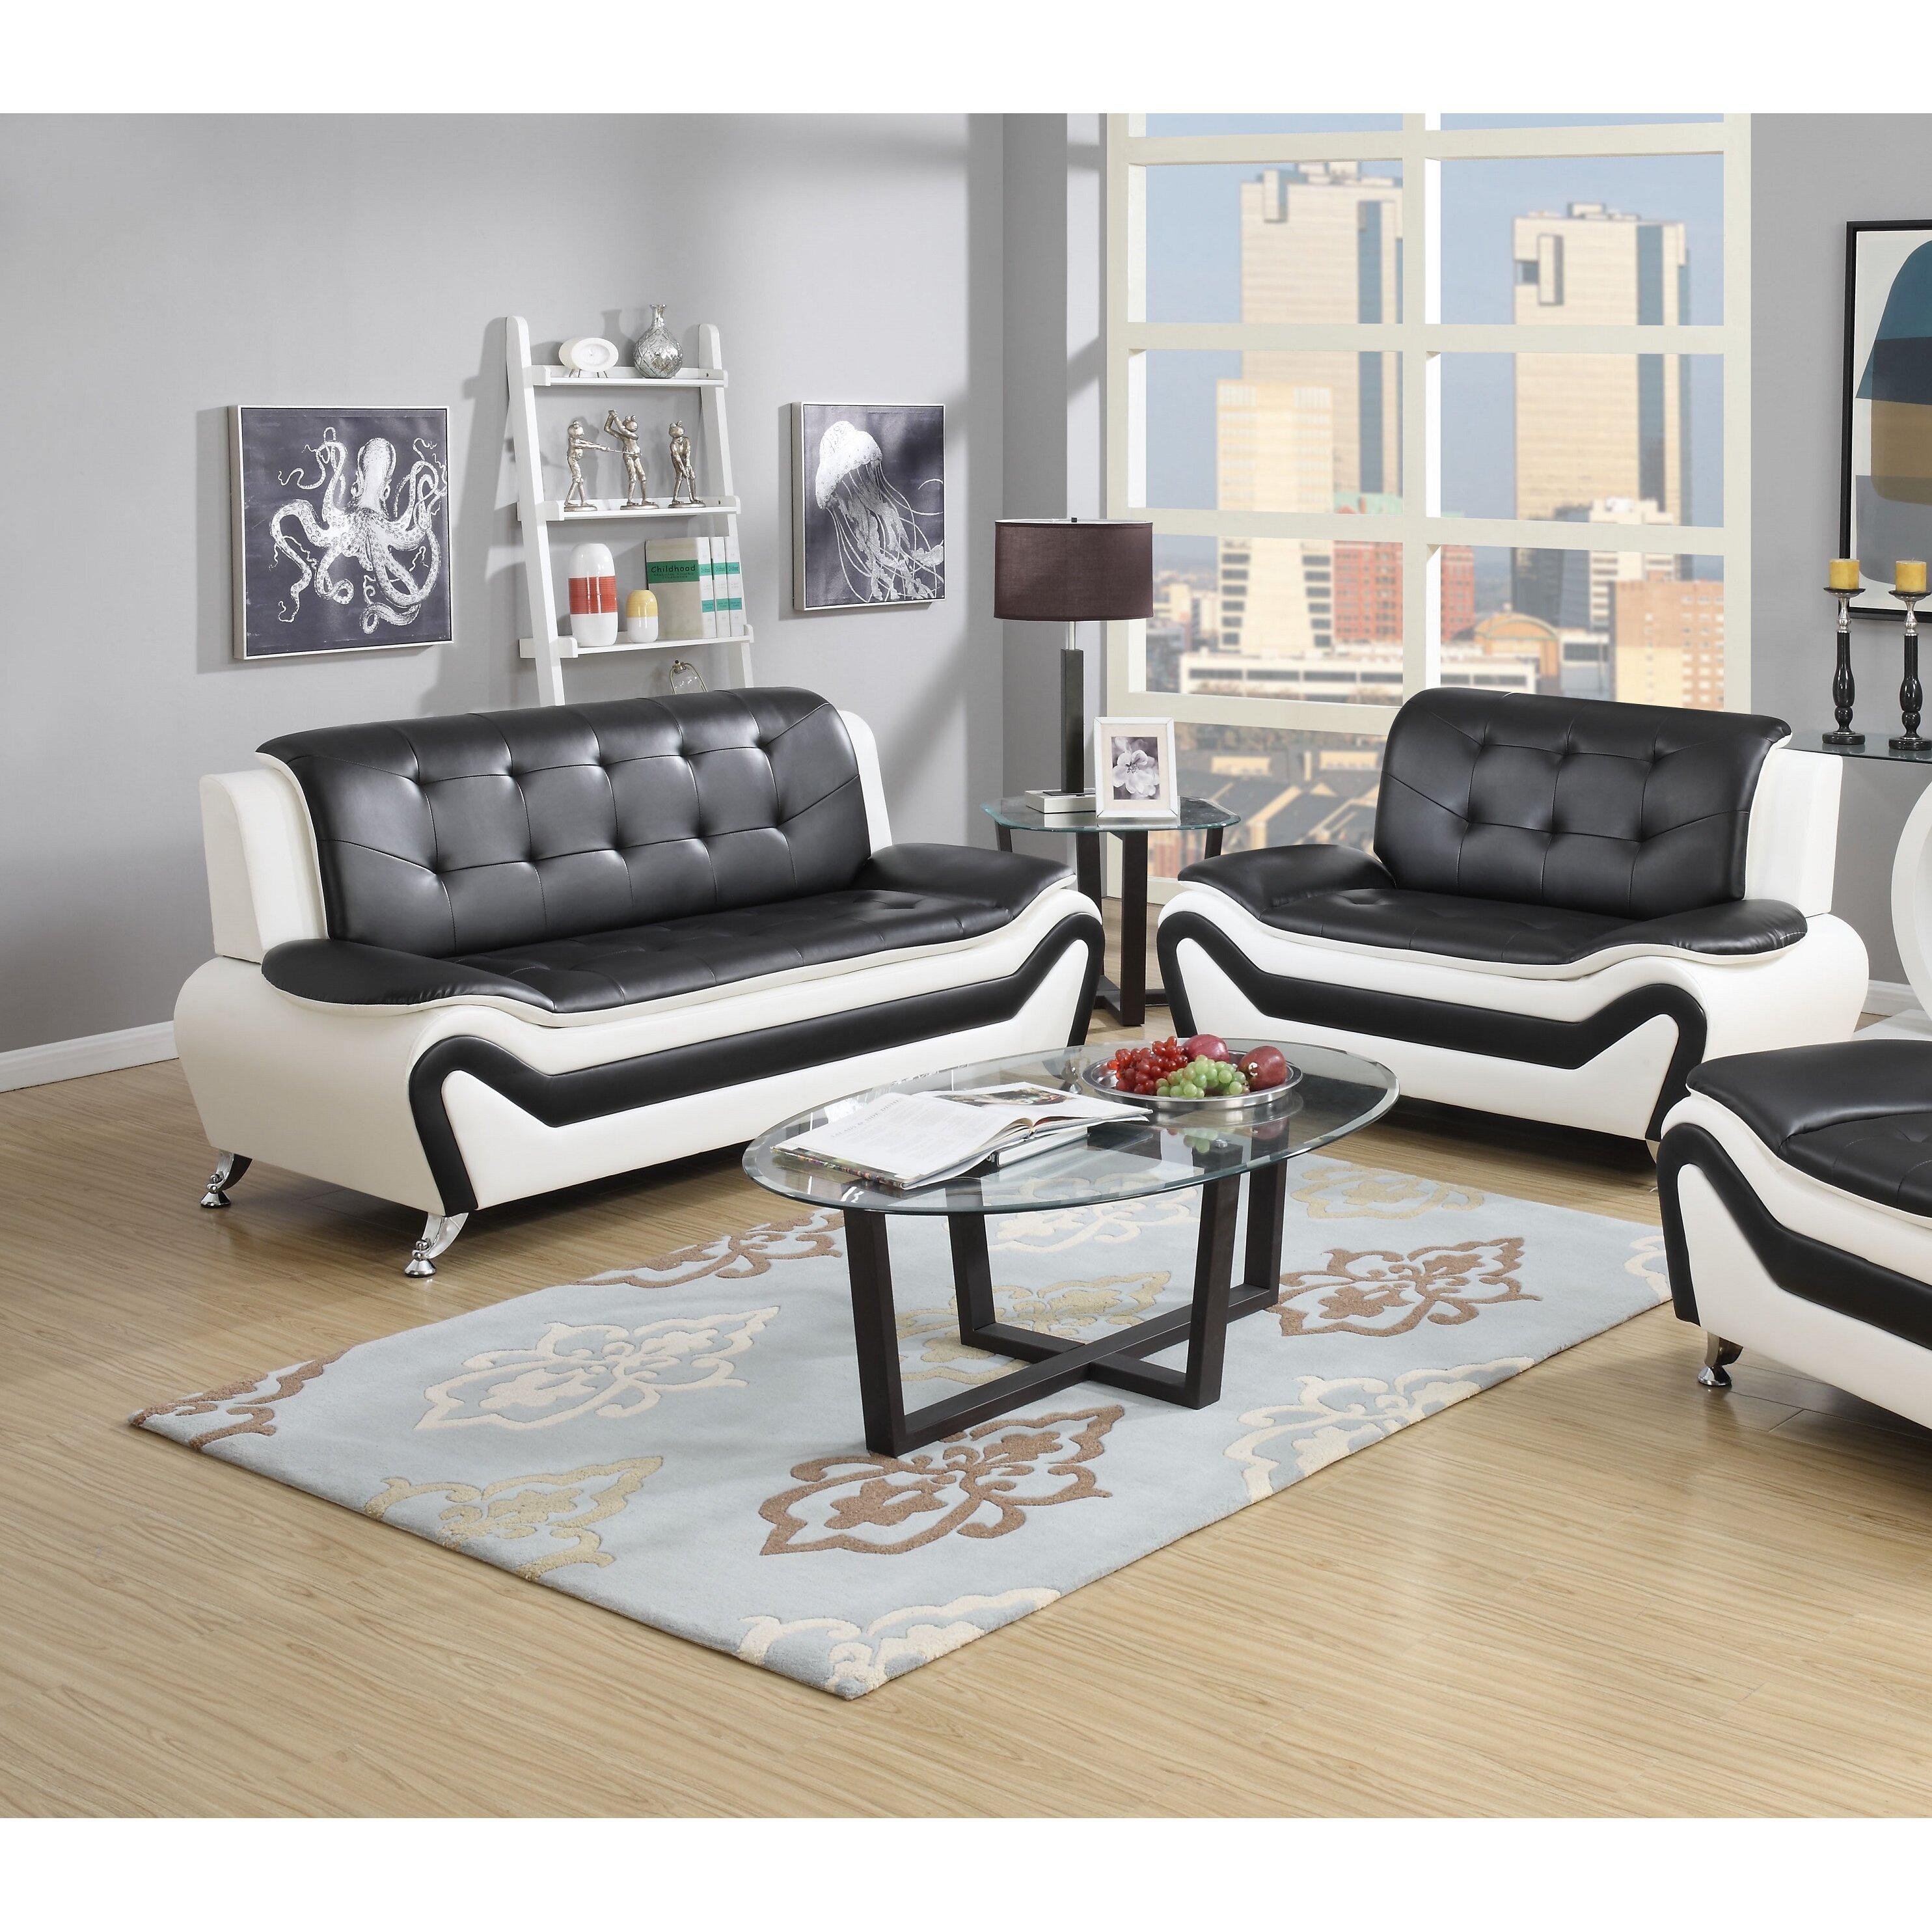 Container wanda 2 piece living room set reviews wayfair for 2 piece living room set